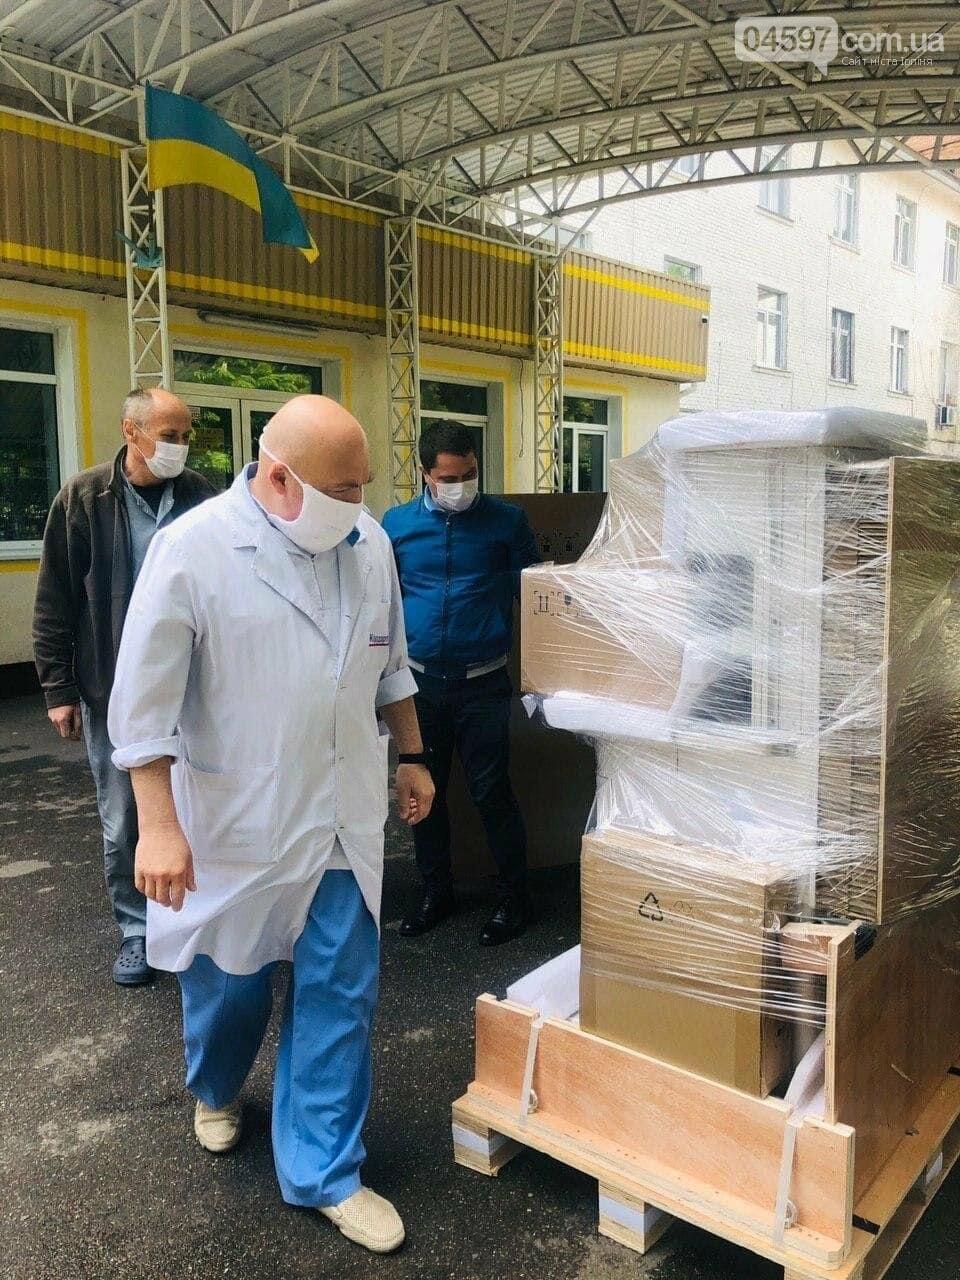 В Ірпінську лікарню придбали сучасну наркозно-дихальну станцію, фото-2